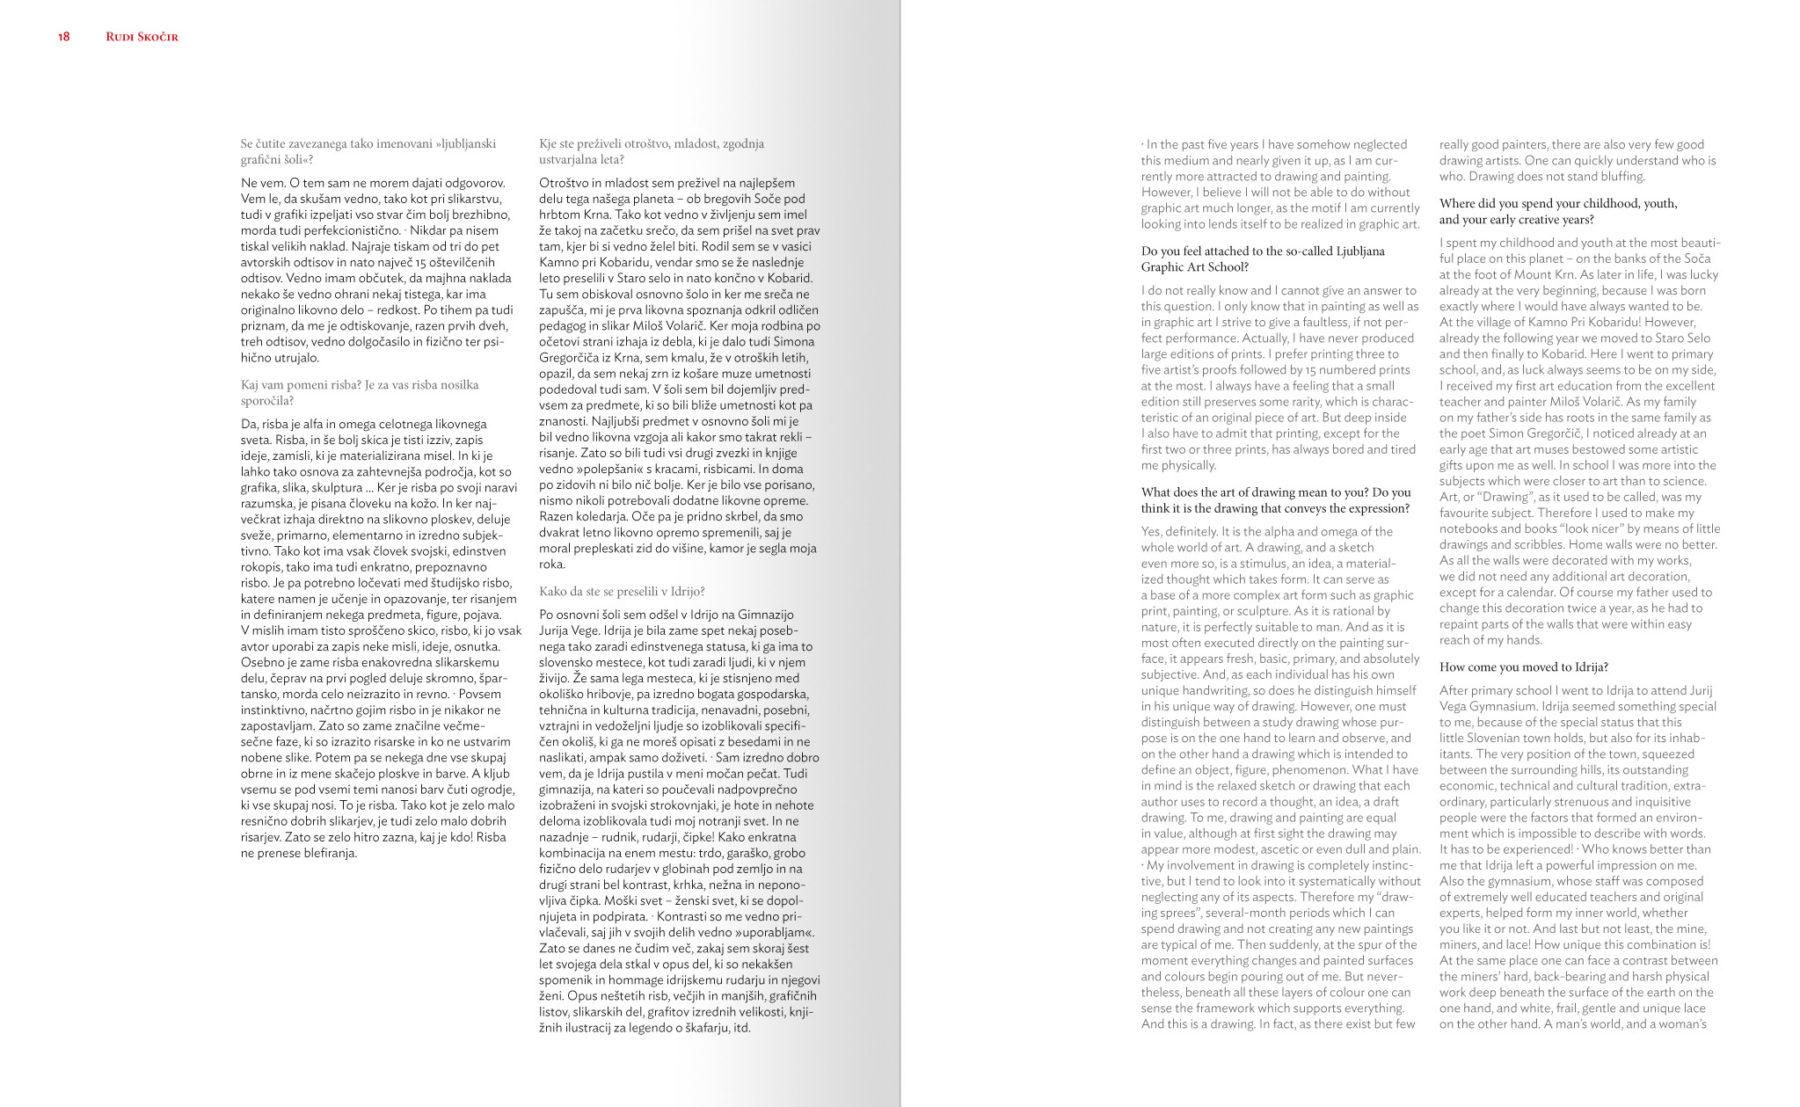 Strani 18 in 19